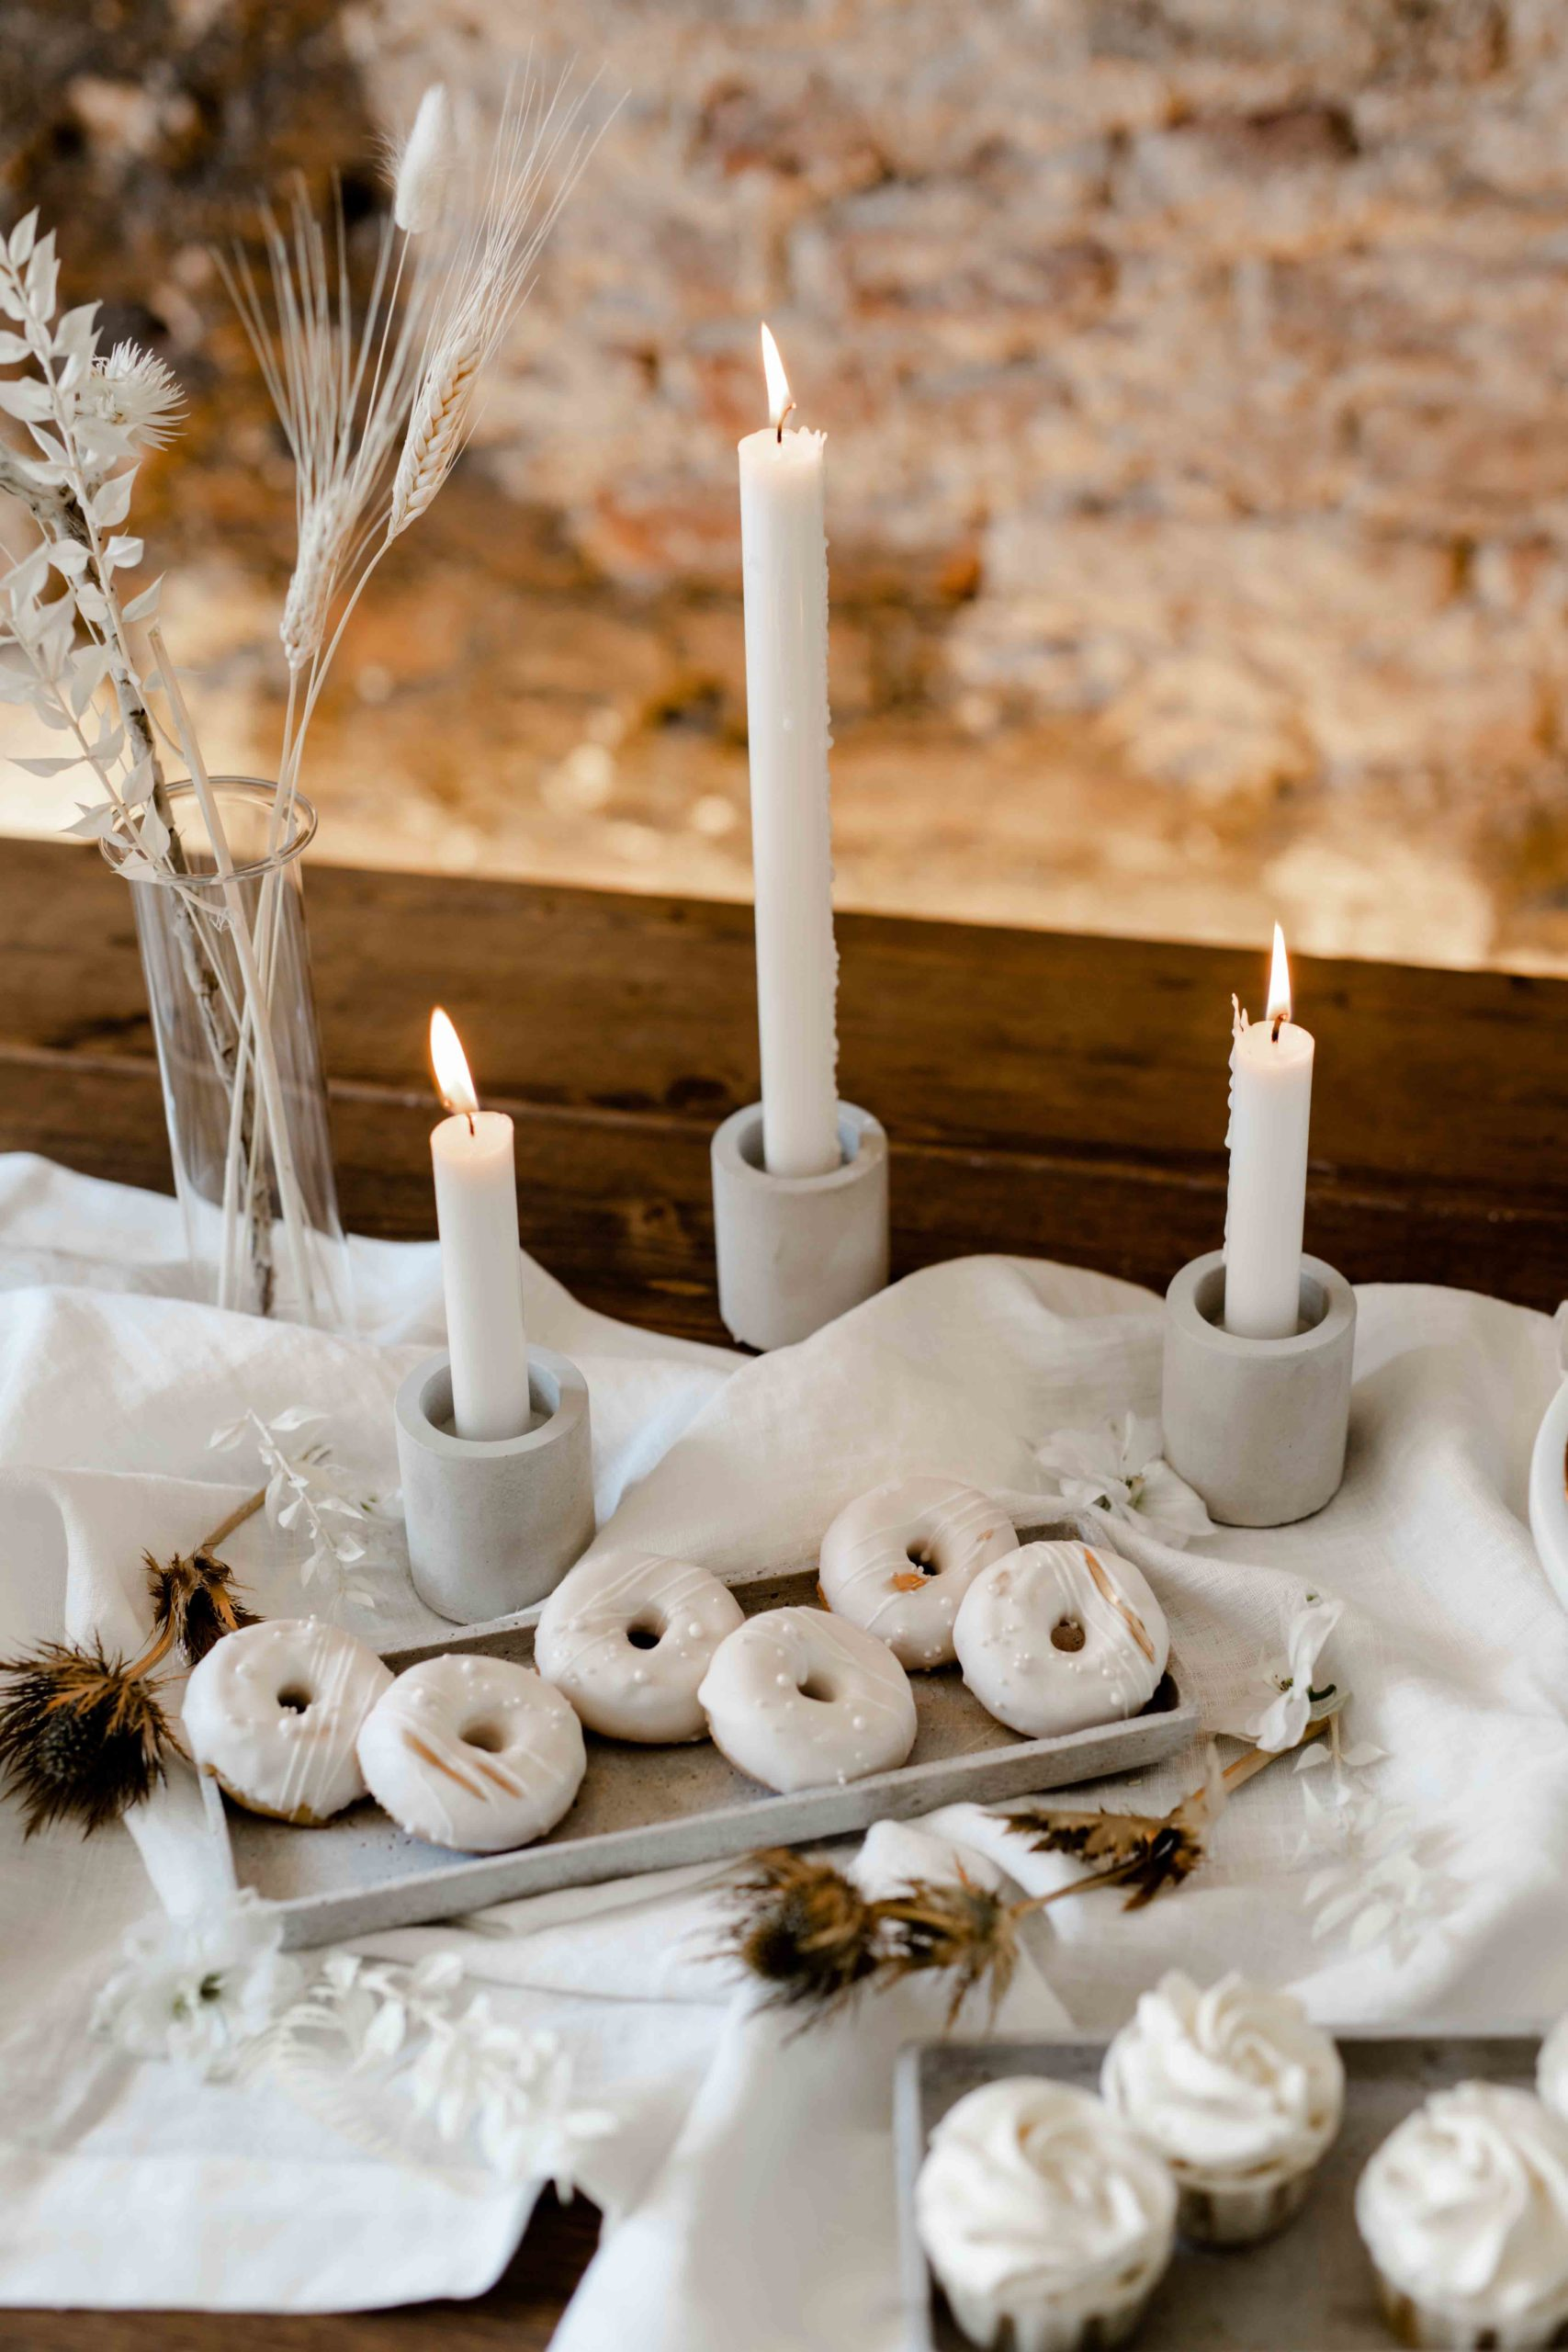 noni Brautmode, Styled Shoot, Tischdekoration für Hochzeit in Weiß mit Kerzenhaltern, weiß-glasierten Mini-Donuts und Trockenblumen